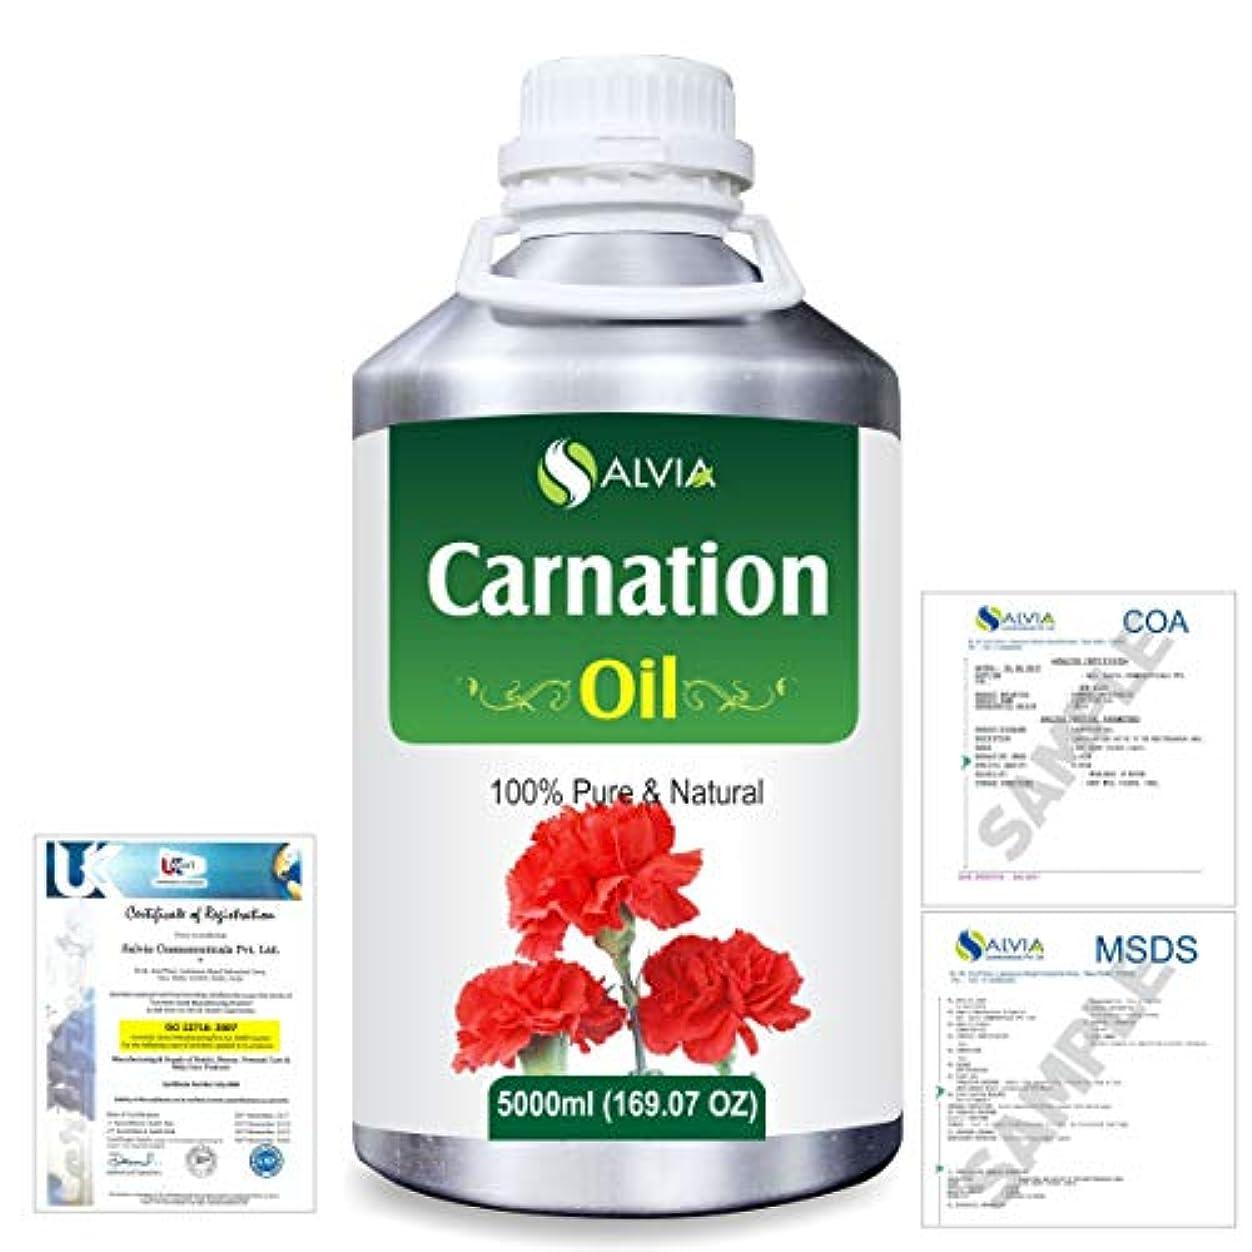 条件付き乞食セットするCarnation (Dianthus caryophyllus) 100% Natural Pure Essential Oil 5000ml/169fl.oz.